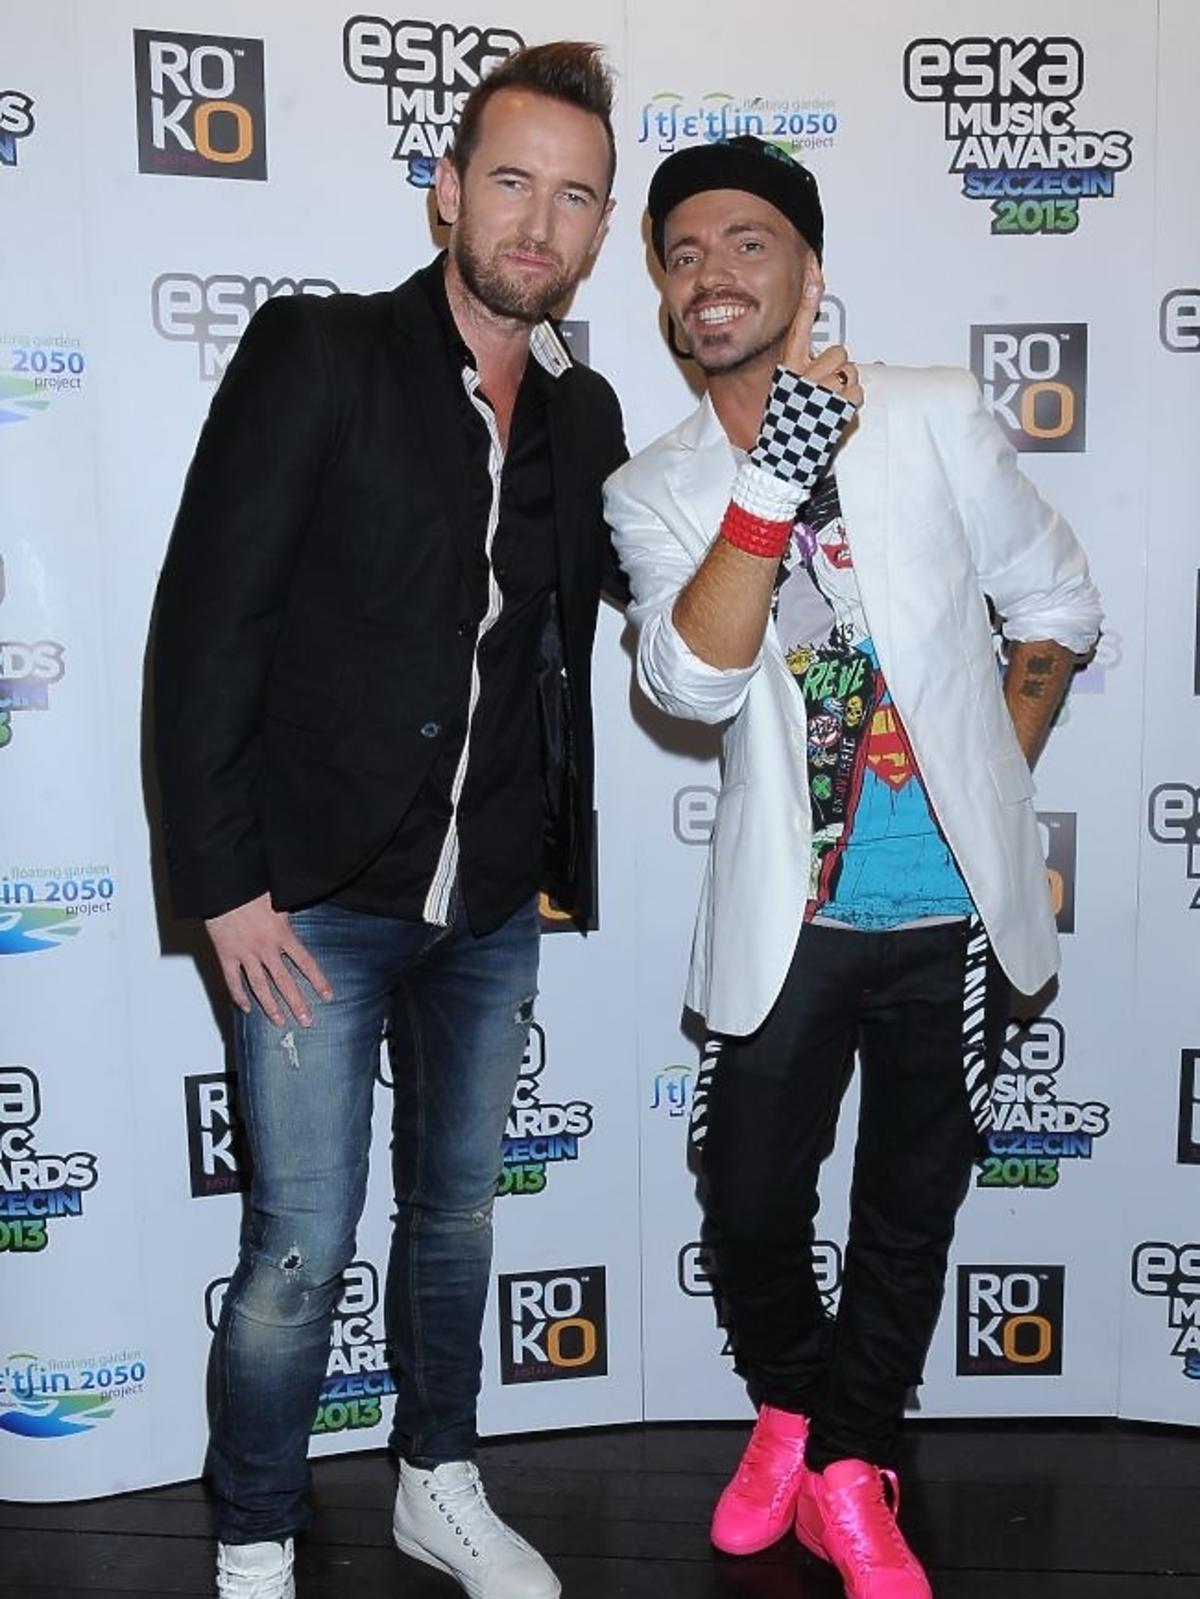 KASE and Wrethov na gali Eska Music Awards 2013